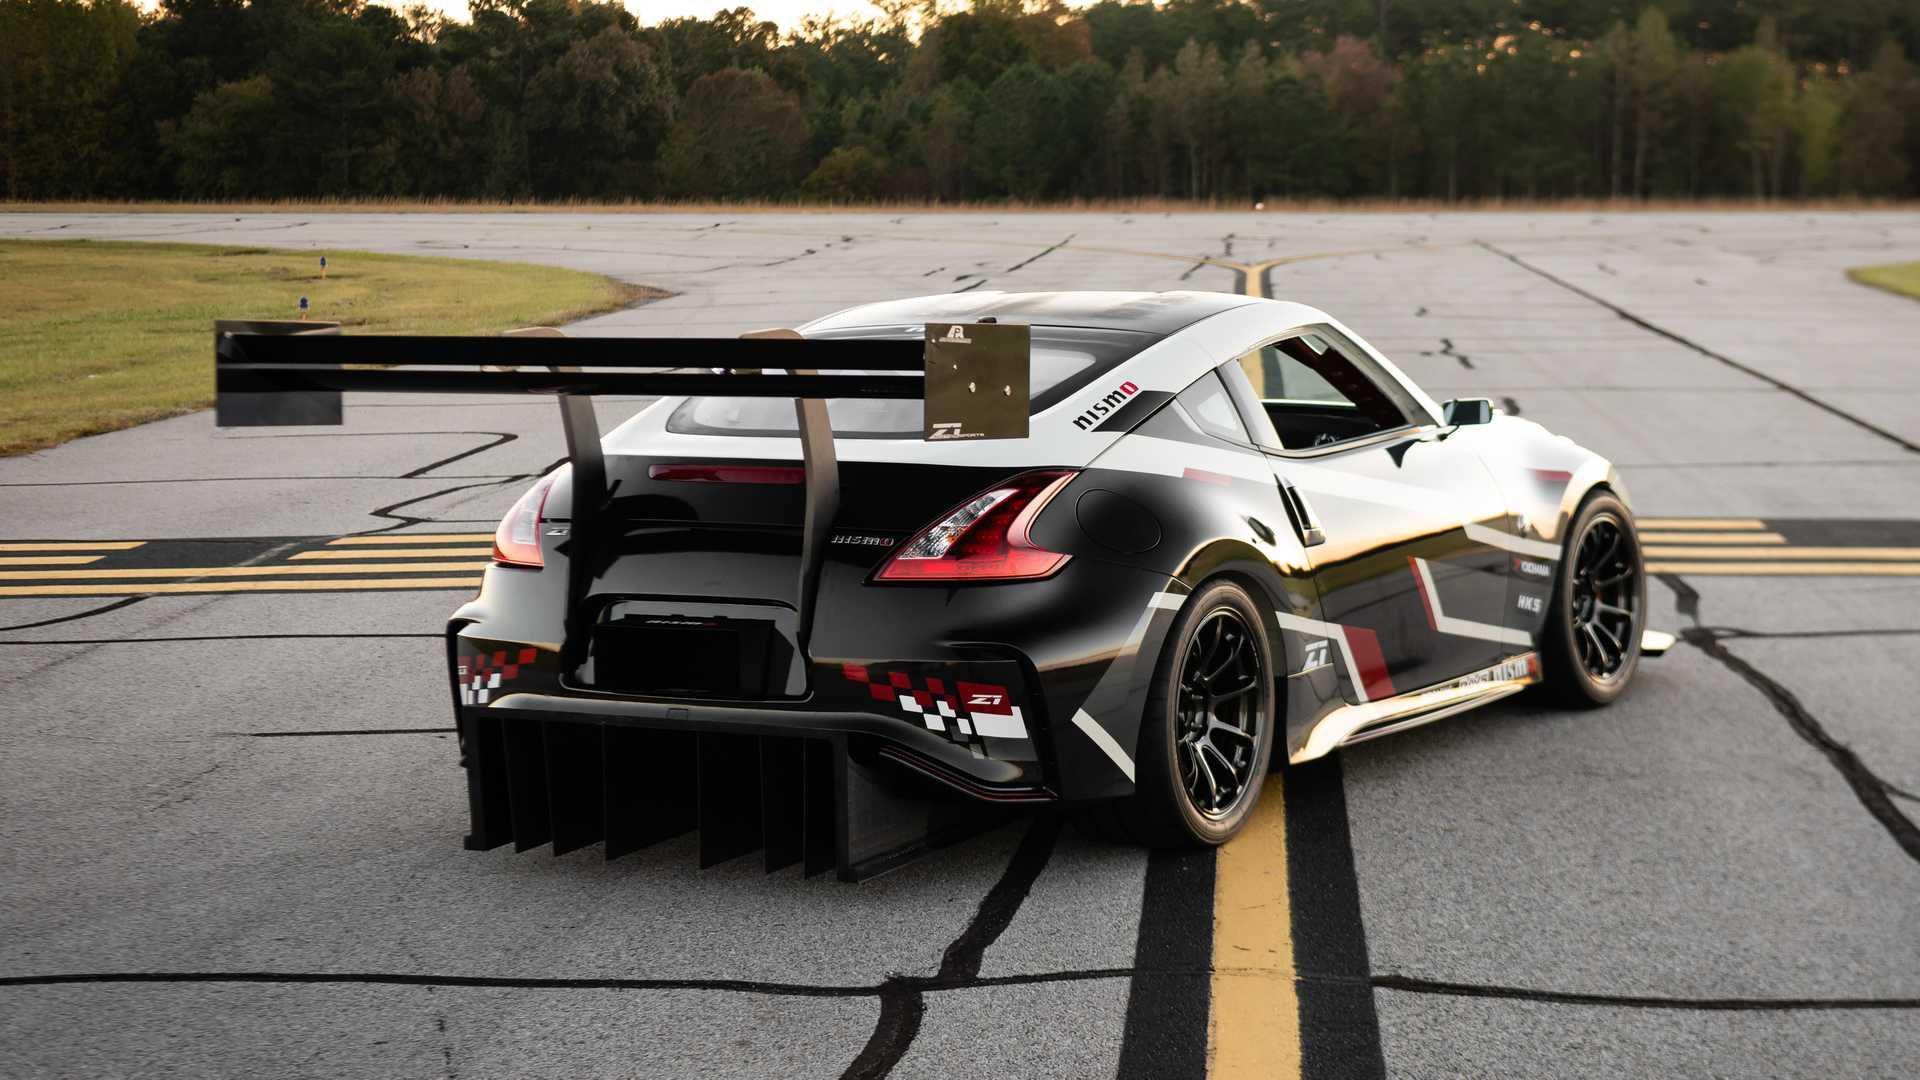 nissan-370z-by-z1-motorsports-une-bete-de-course-1147-3.jpg